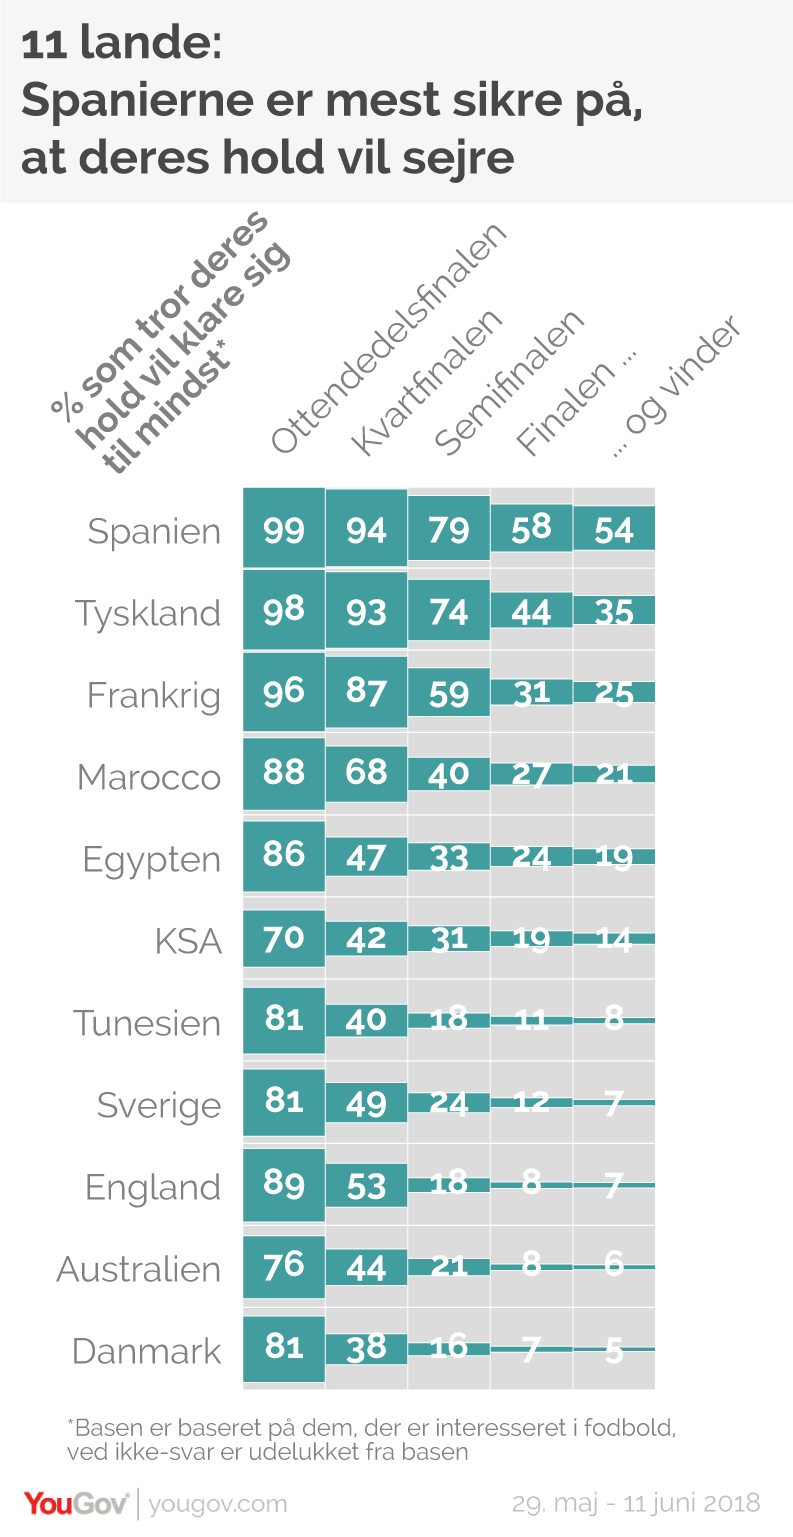 Spanierne mest optimistiske